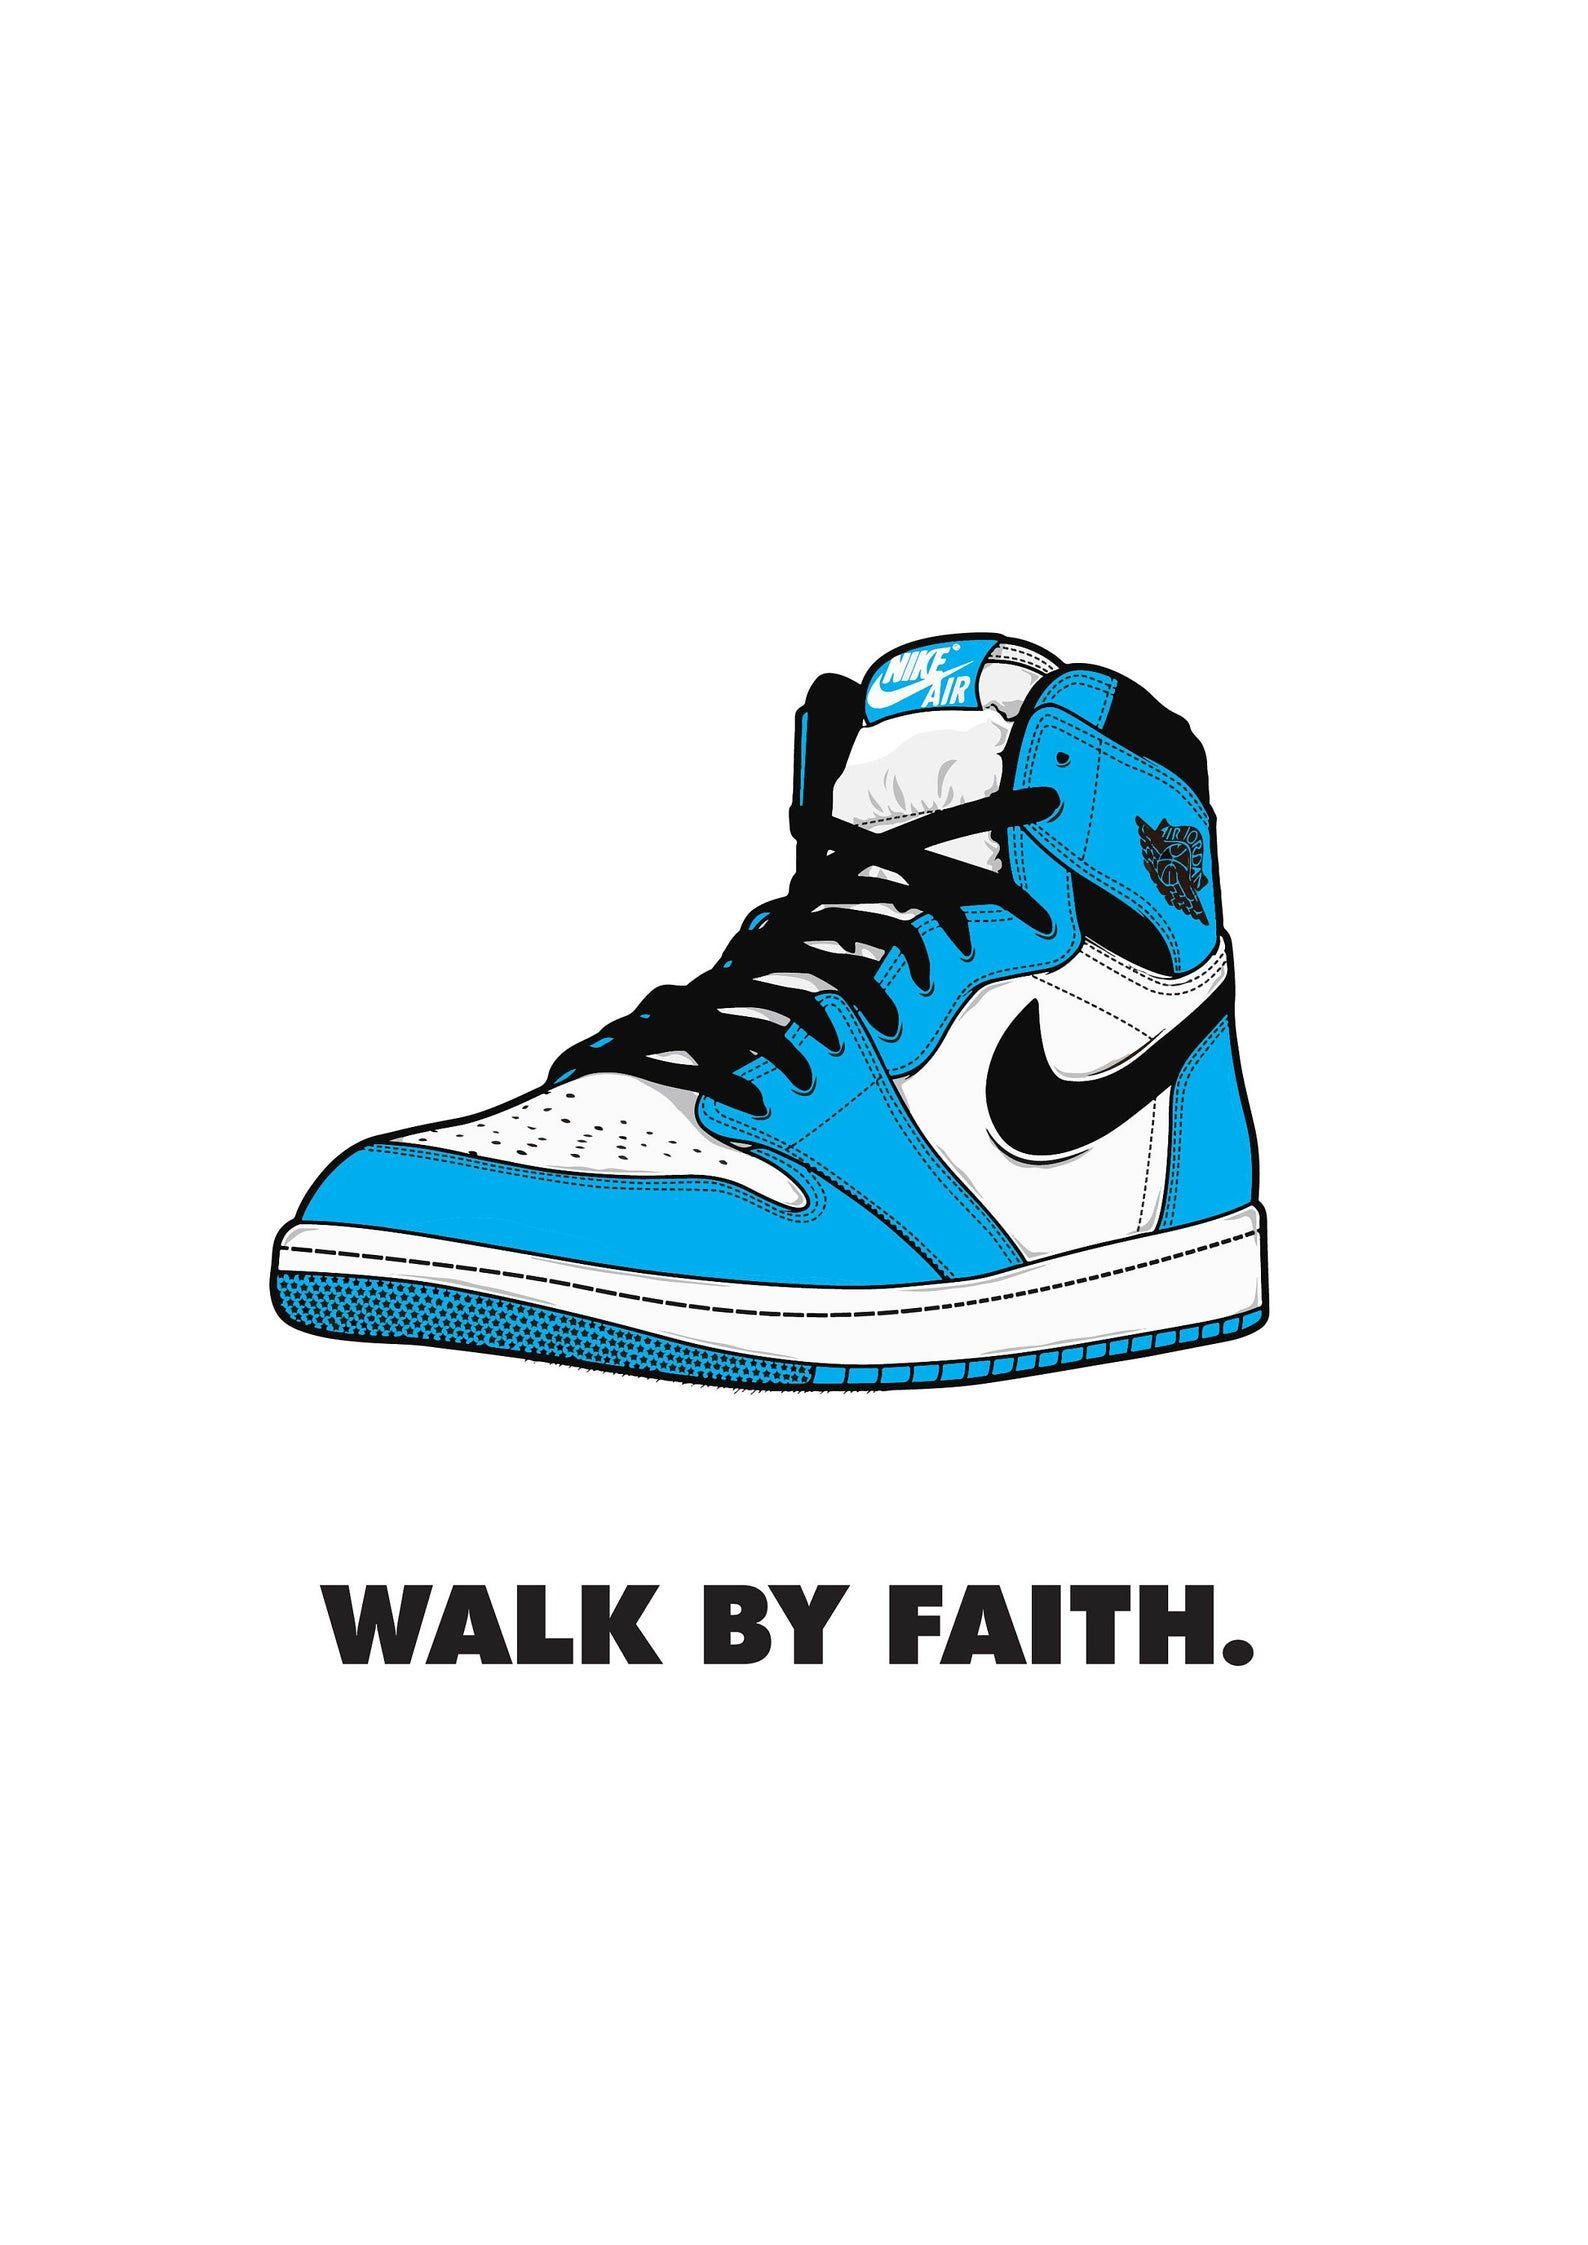 Walk By Faith Poster Air Jordan 1 Blue Digital Print Etsy Air Jordans Sneaker Posters Jordan Logo Wallpaper Trends for air jordan 1 shoes wallpaper